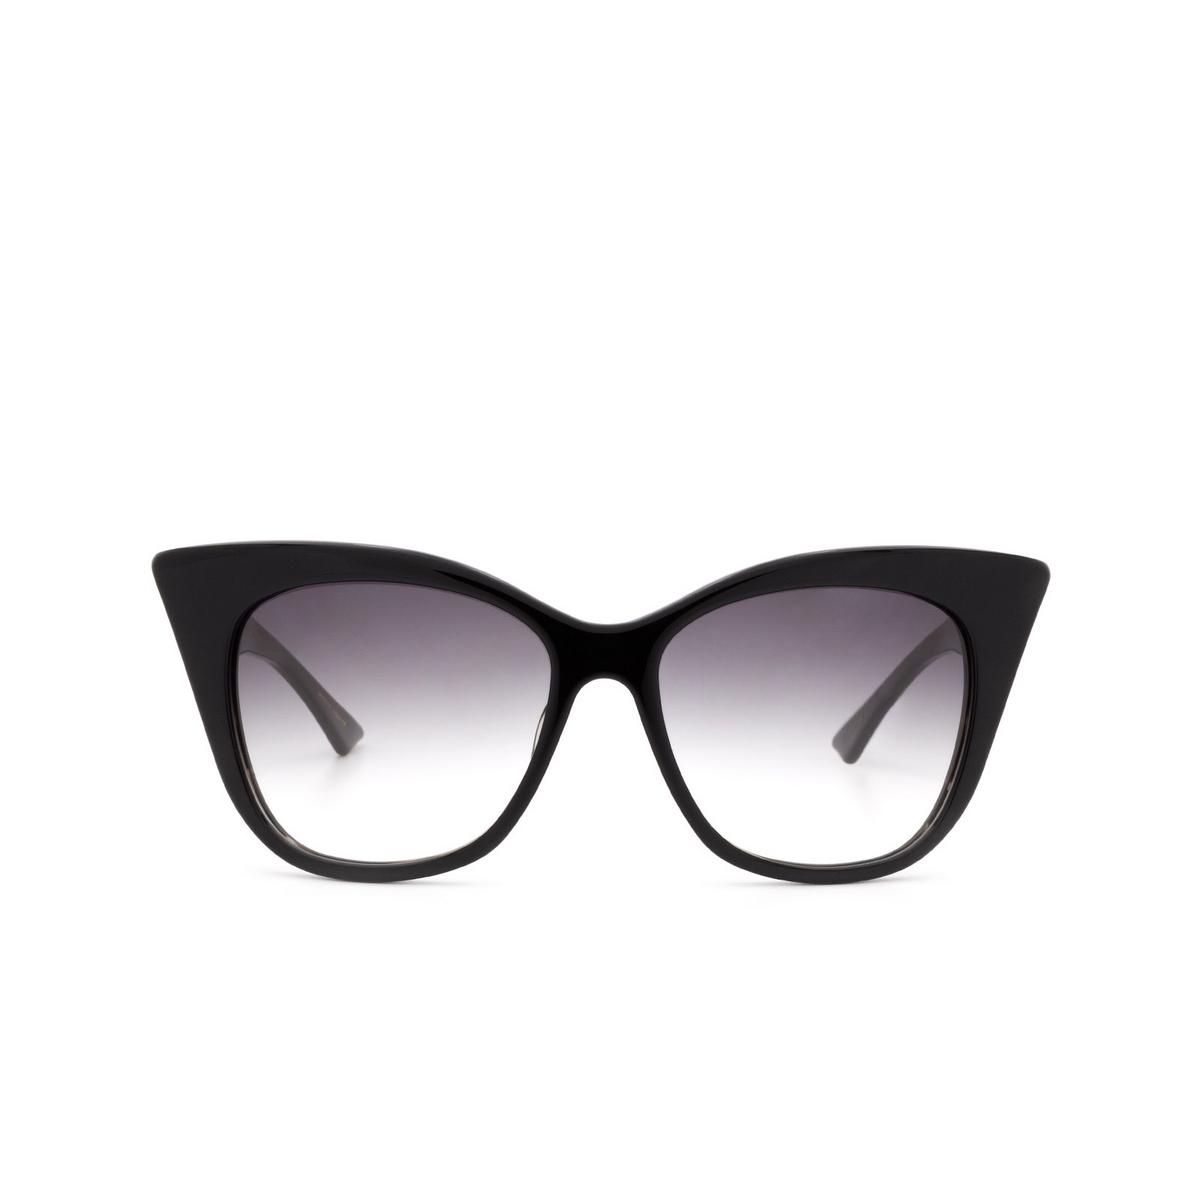 Dita® Butterfly Sunglasses: Magnifique 22015-A color Black Blk.